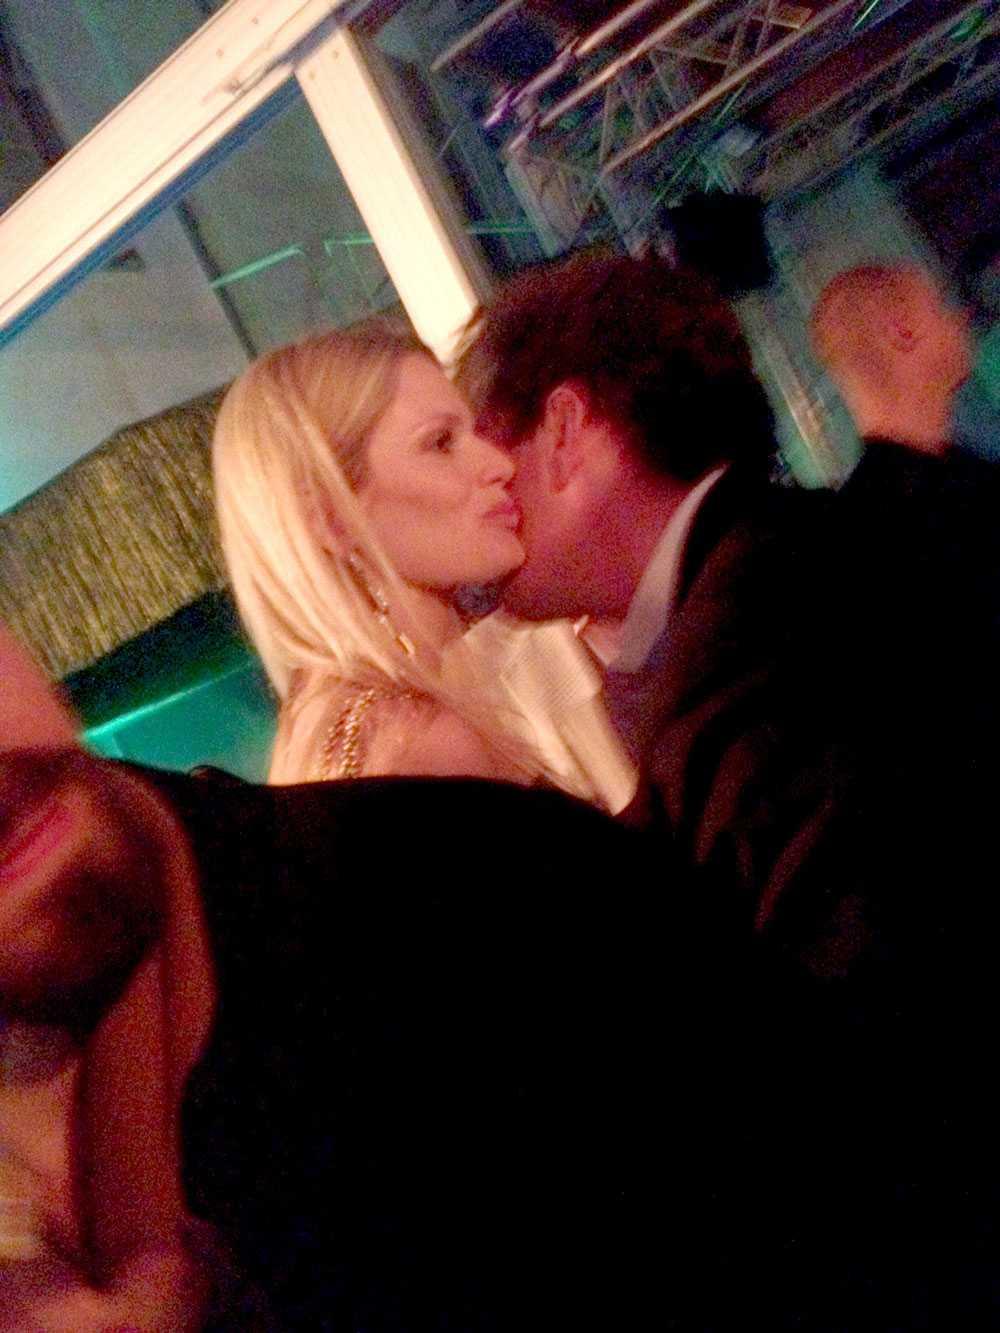 Chris kindpussas med Vicky Andrén på nattklubben The Wall, dit festsällskapet drog efter att de varit på Sturehof.